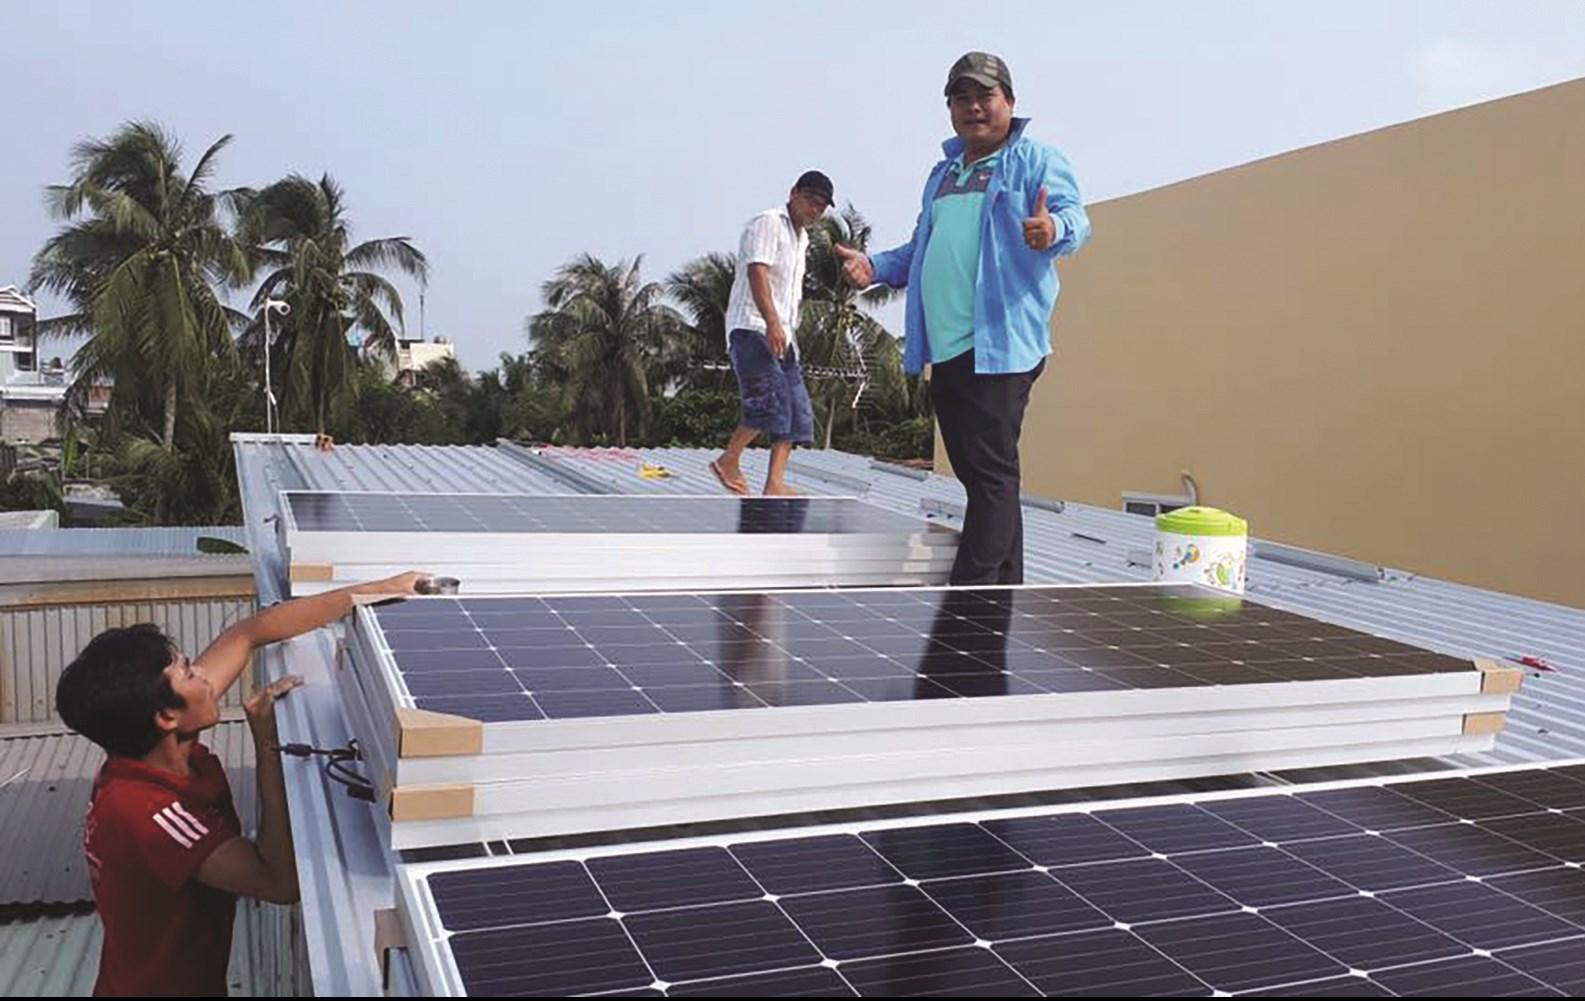 Lắp đặt điện năng lượng mặt trời tại Bạc Liêu. Ảnh TL